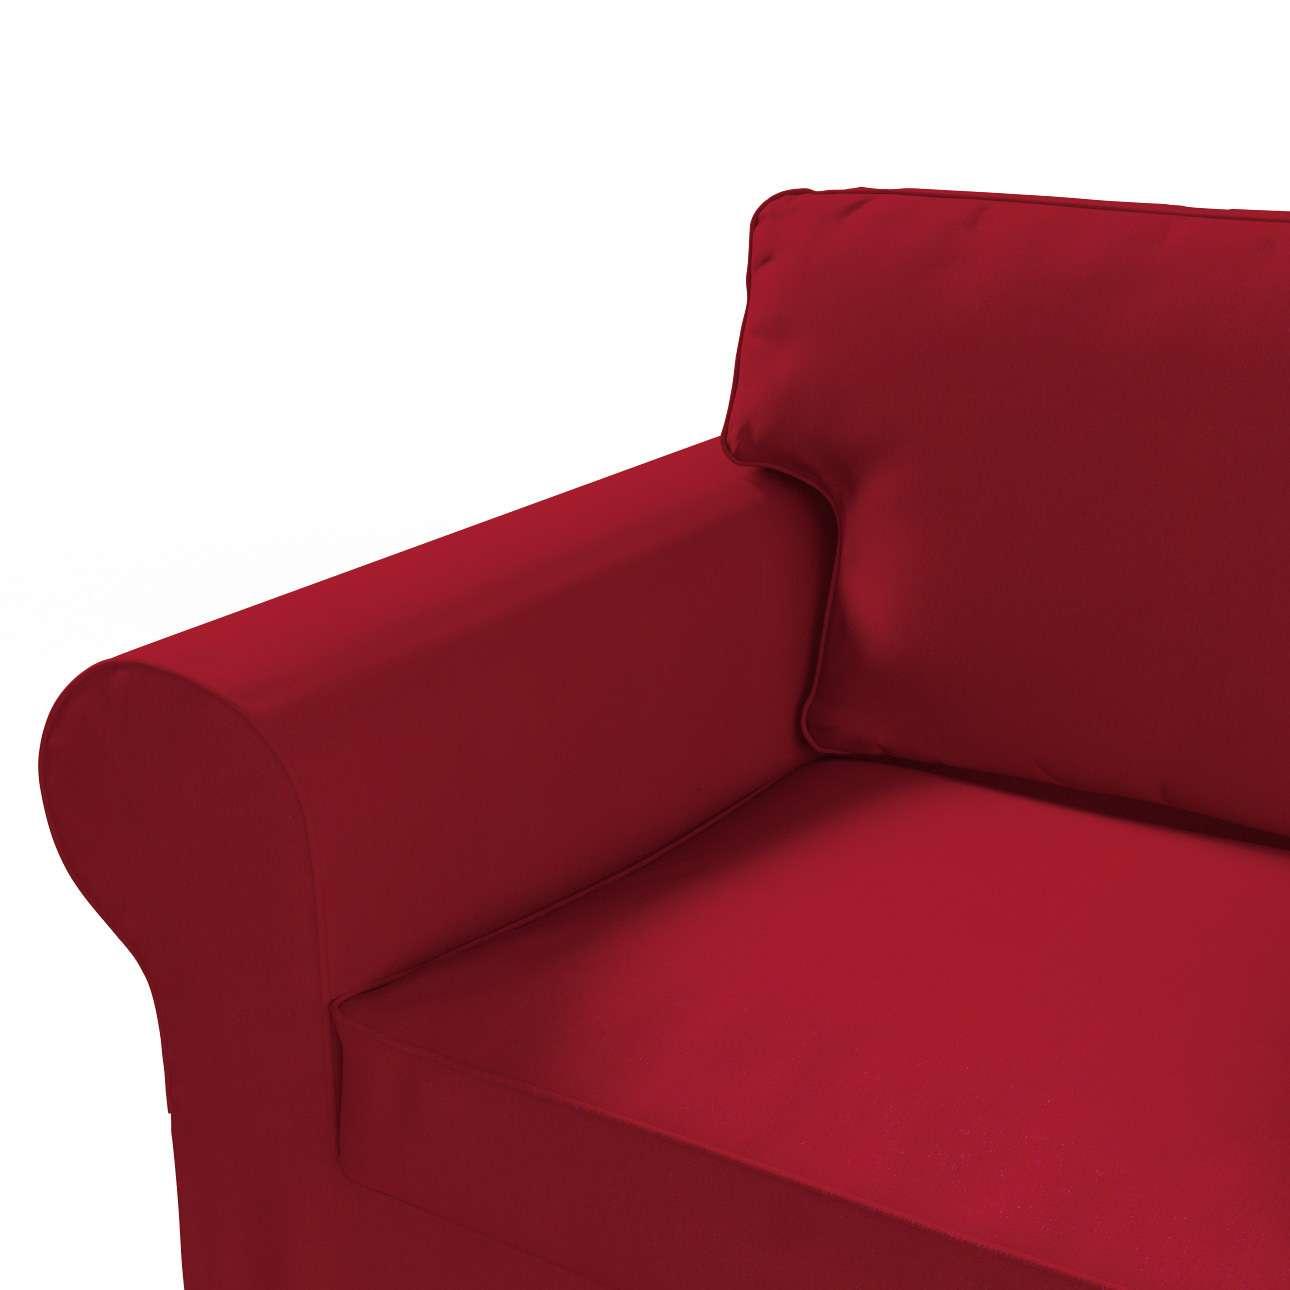 Pokrowiec na sofę Ektorp 2-osobową rozkładaną, model po 2012 w kolekcji Chenille, tkanina: 702-24